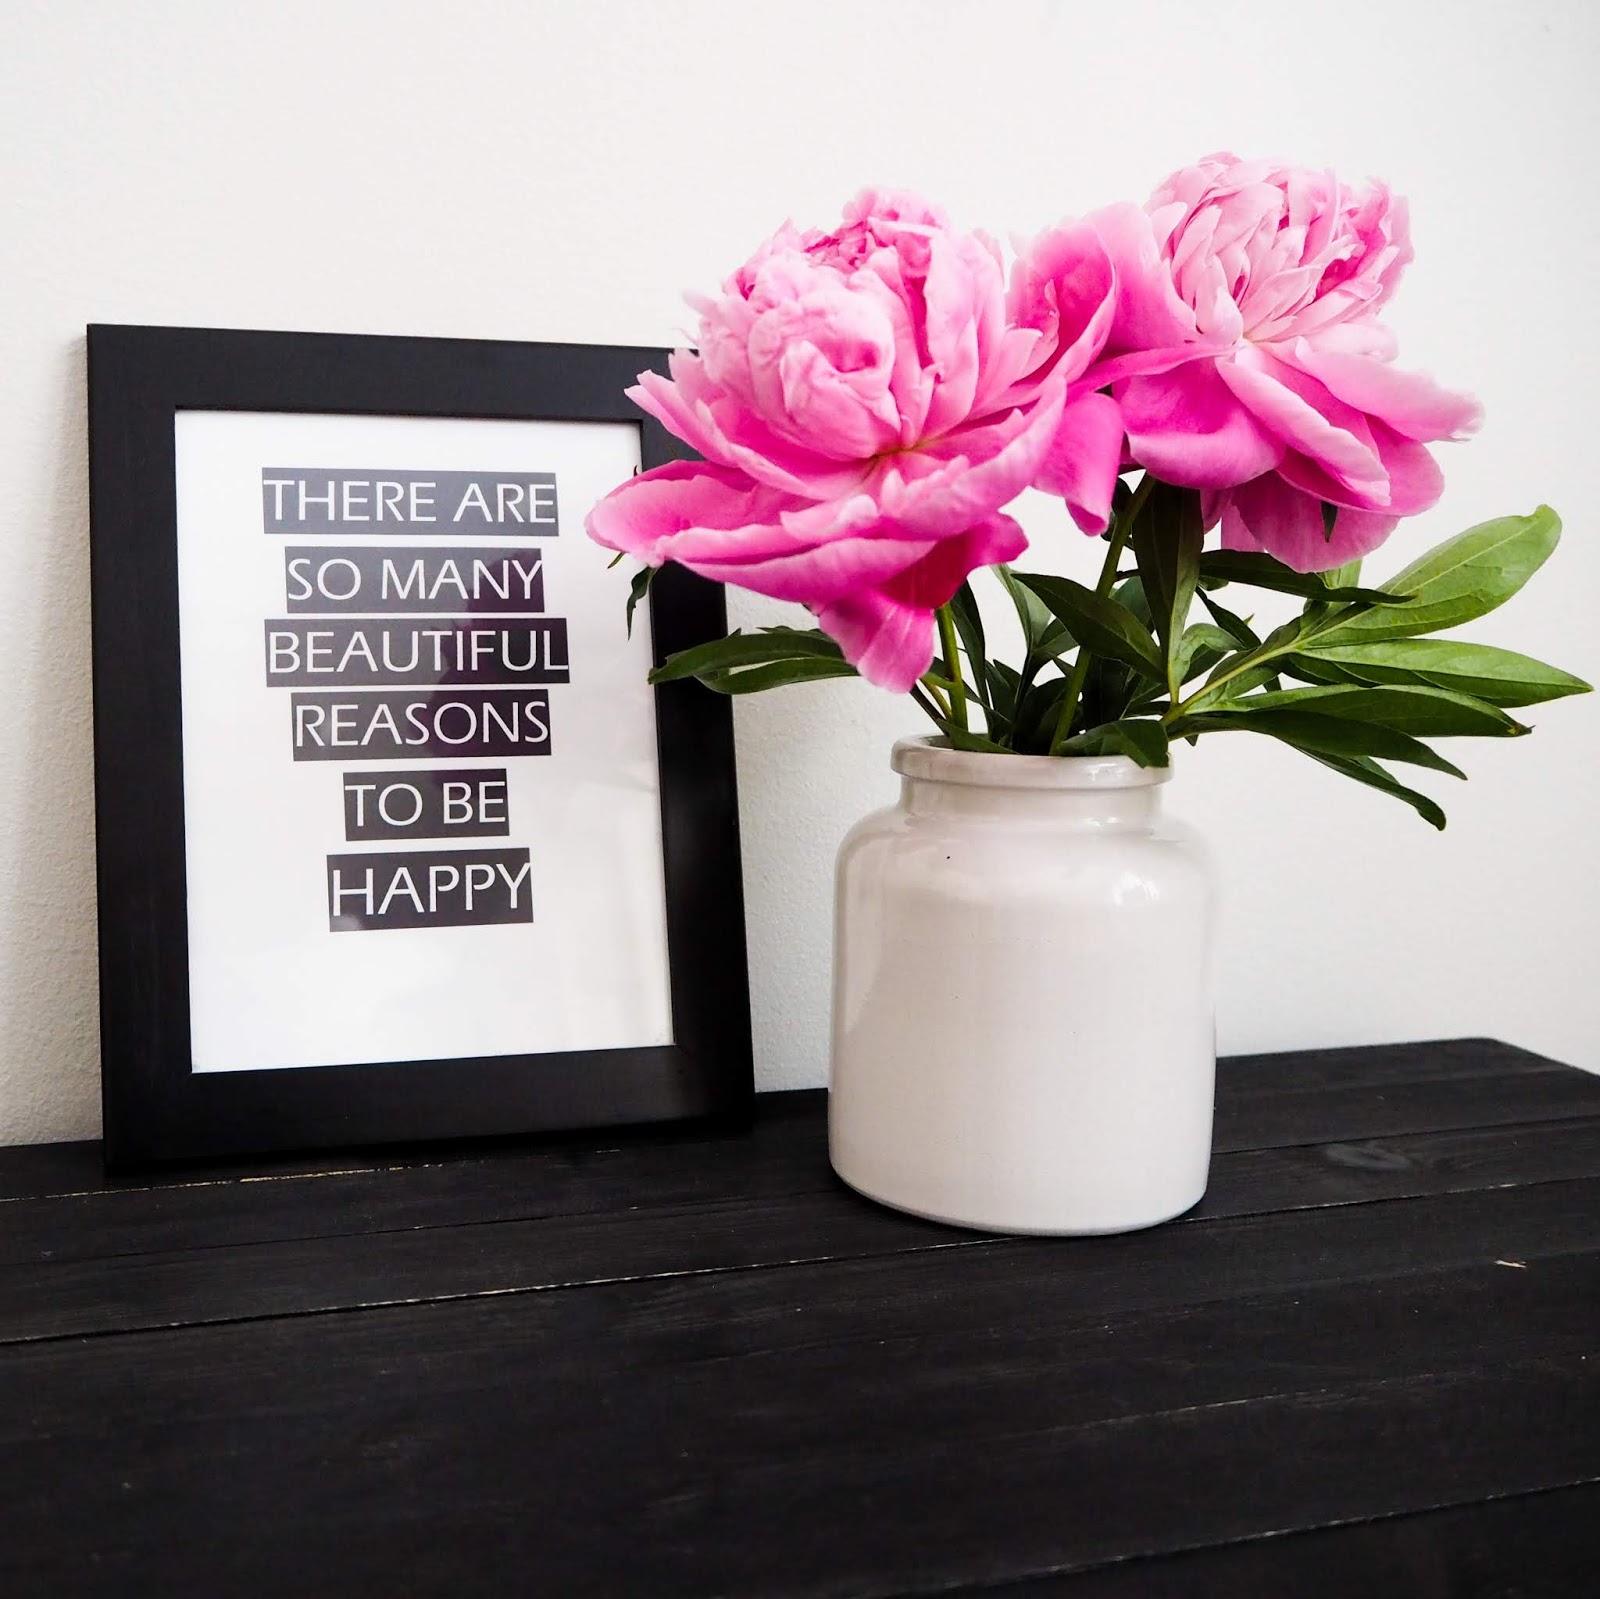 Saippuakuplia olohuoneessa blogi, kuva Hanna Poikkilehto, Kesä, Pioni, Lifestyle, Summer bucket list, Sisustustaulu, Perhe, sisustus, koti, olohuone,